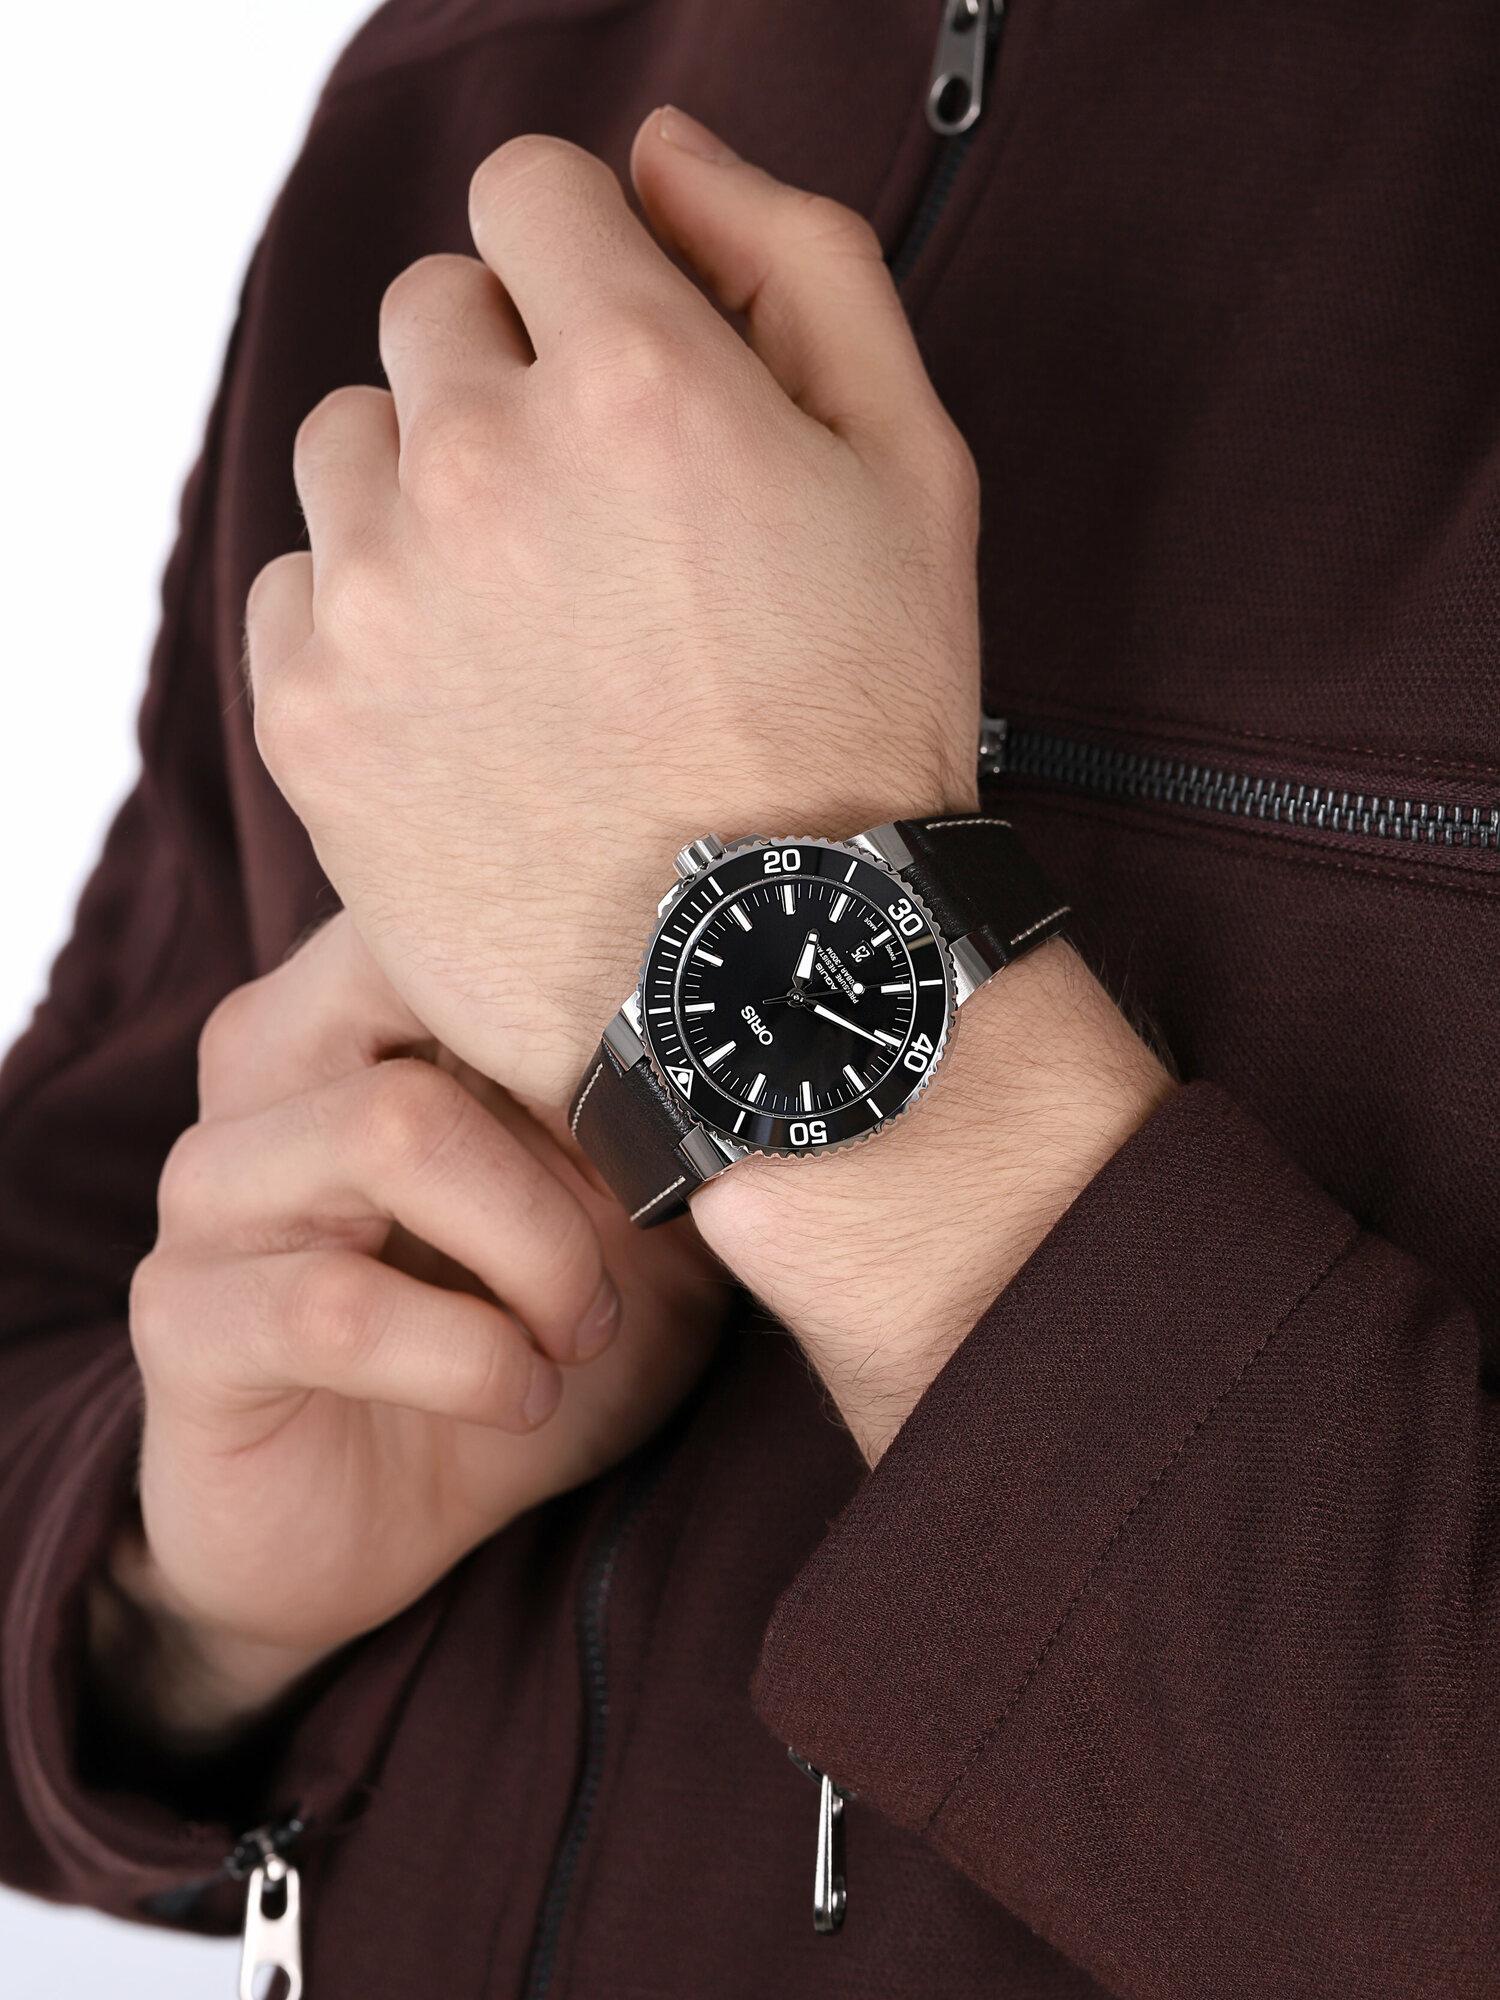 Oris 01 733 7730 4134-07 5 24 10EB męski zegarek Aquis pasek